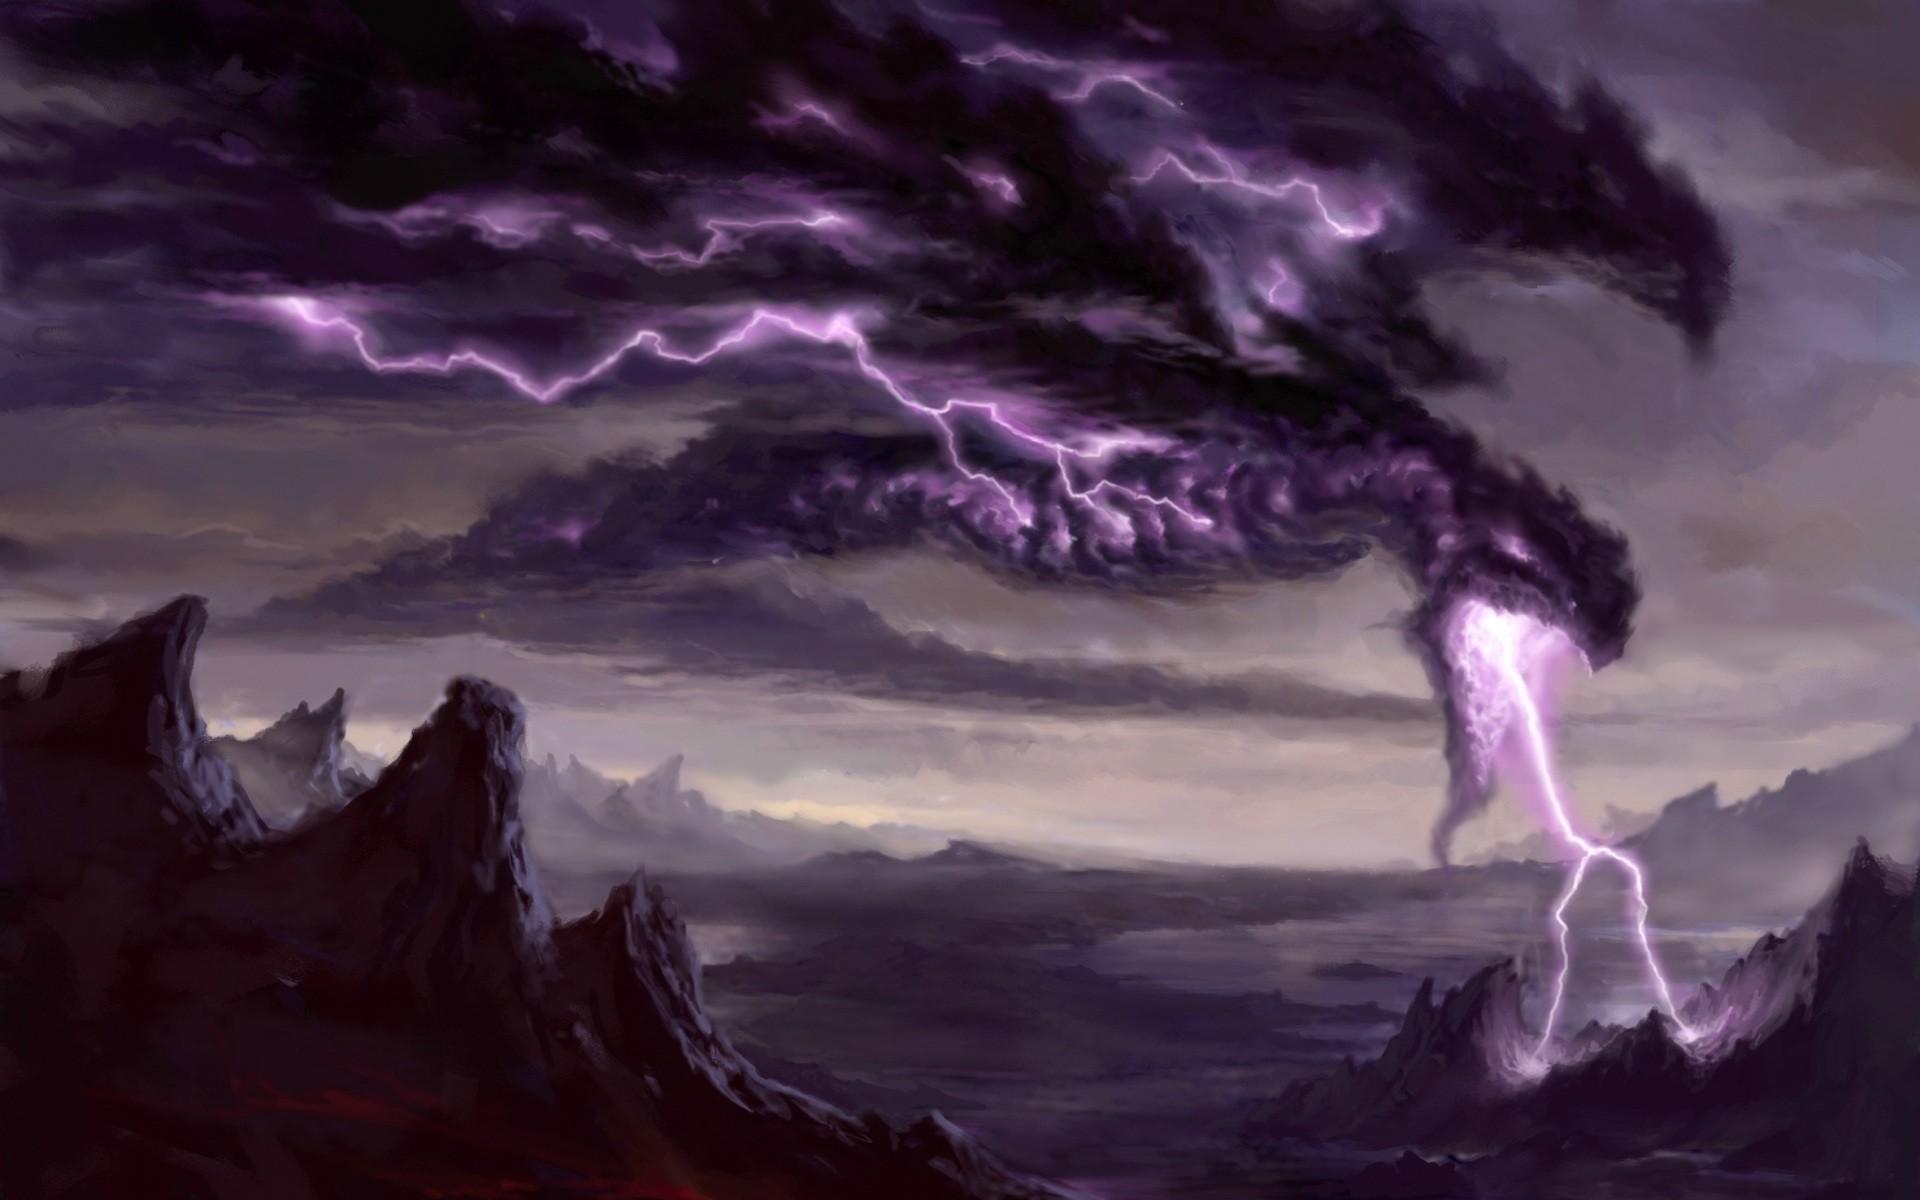 purple dragon wallpaper